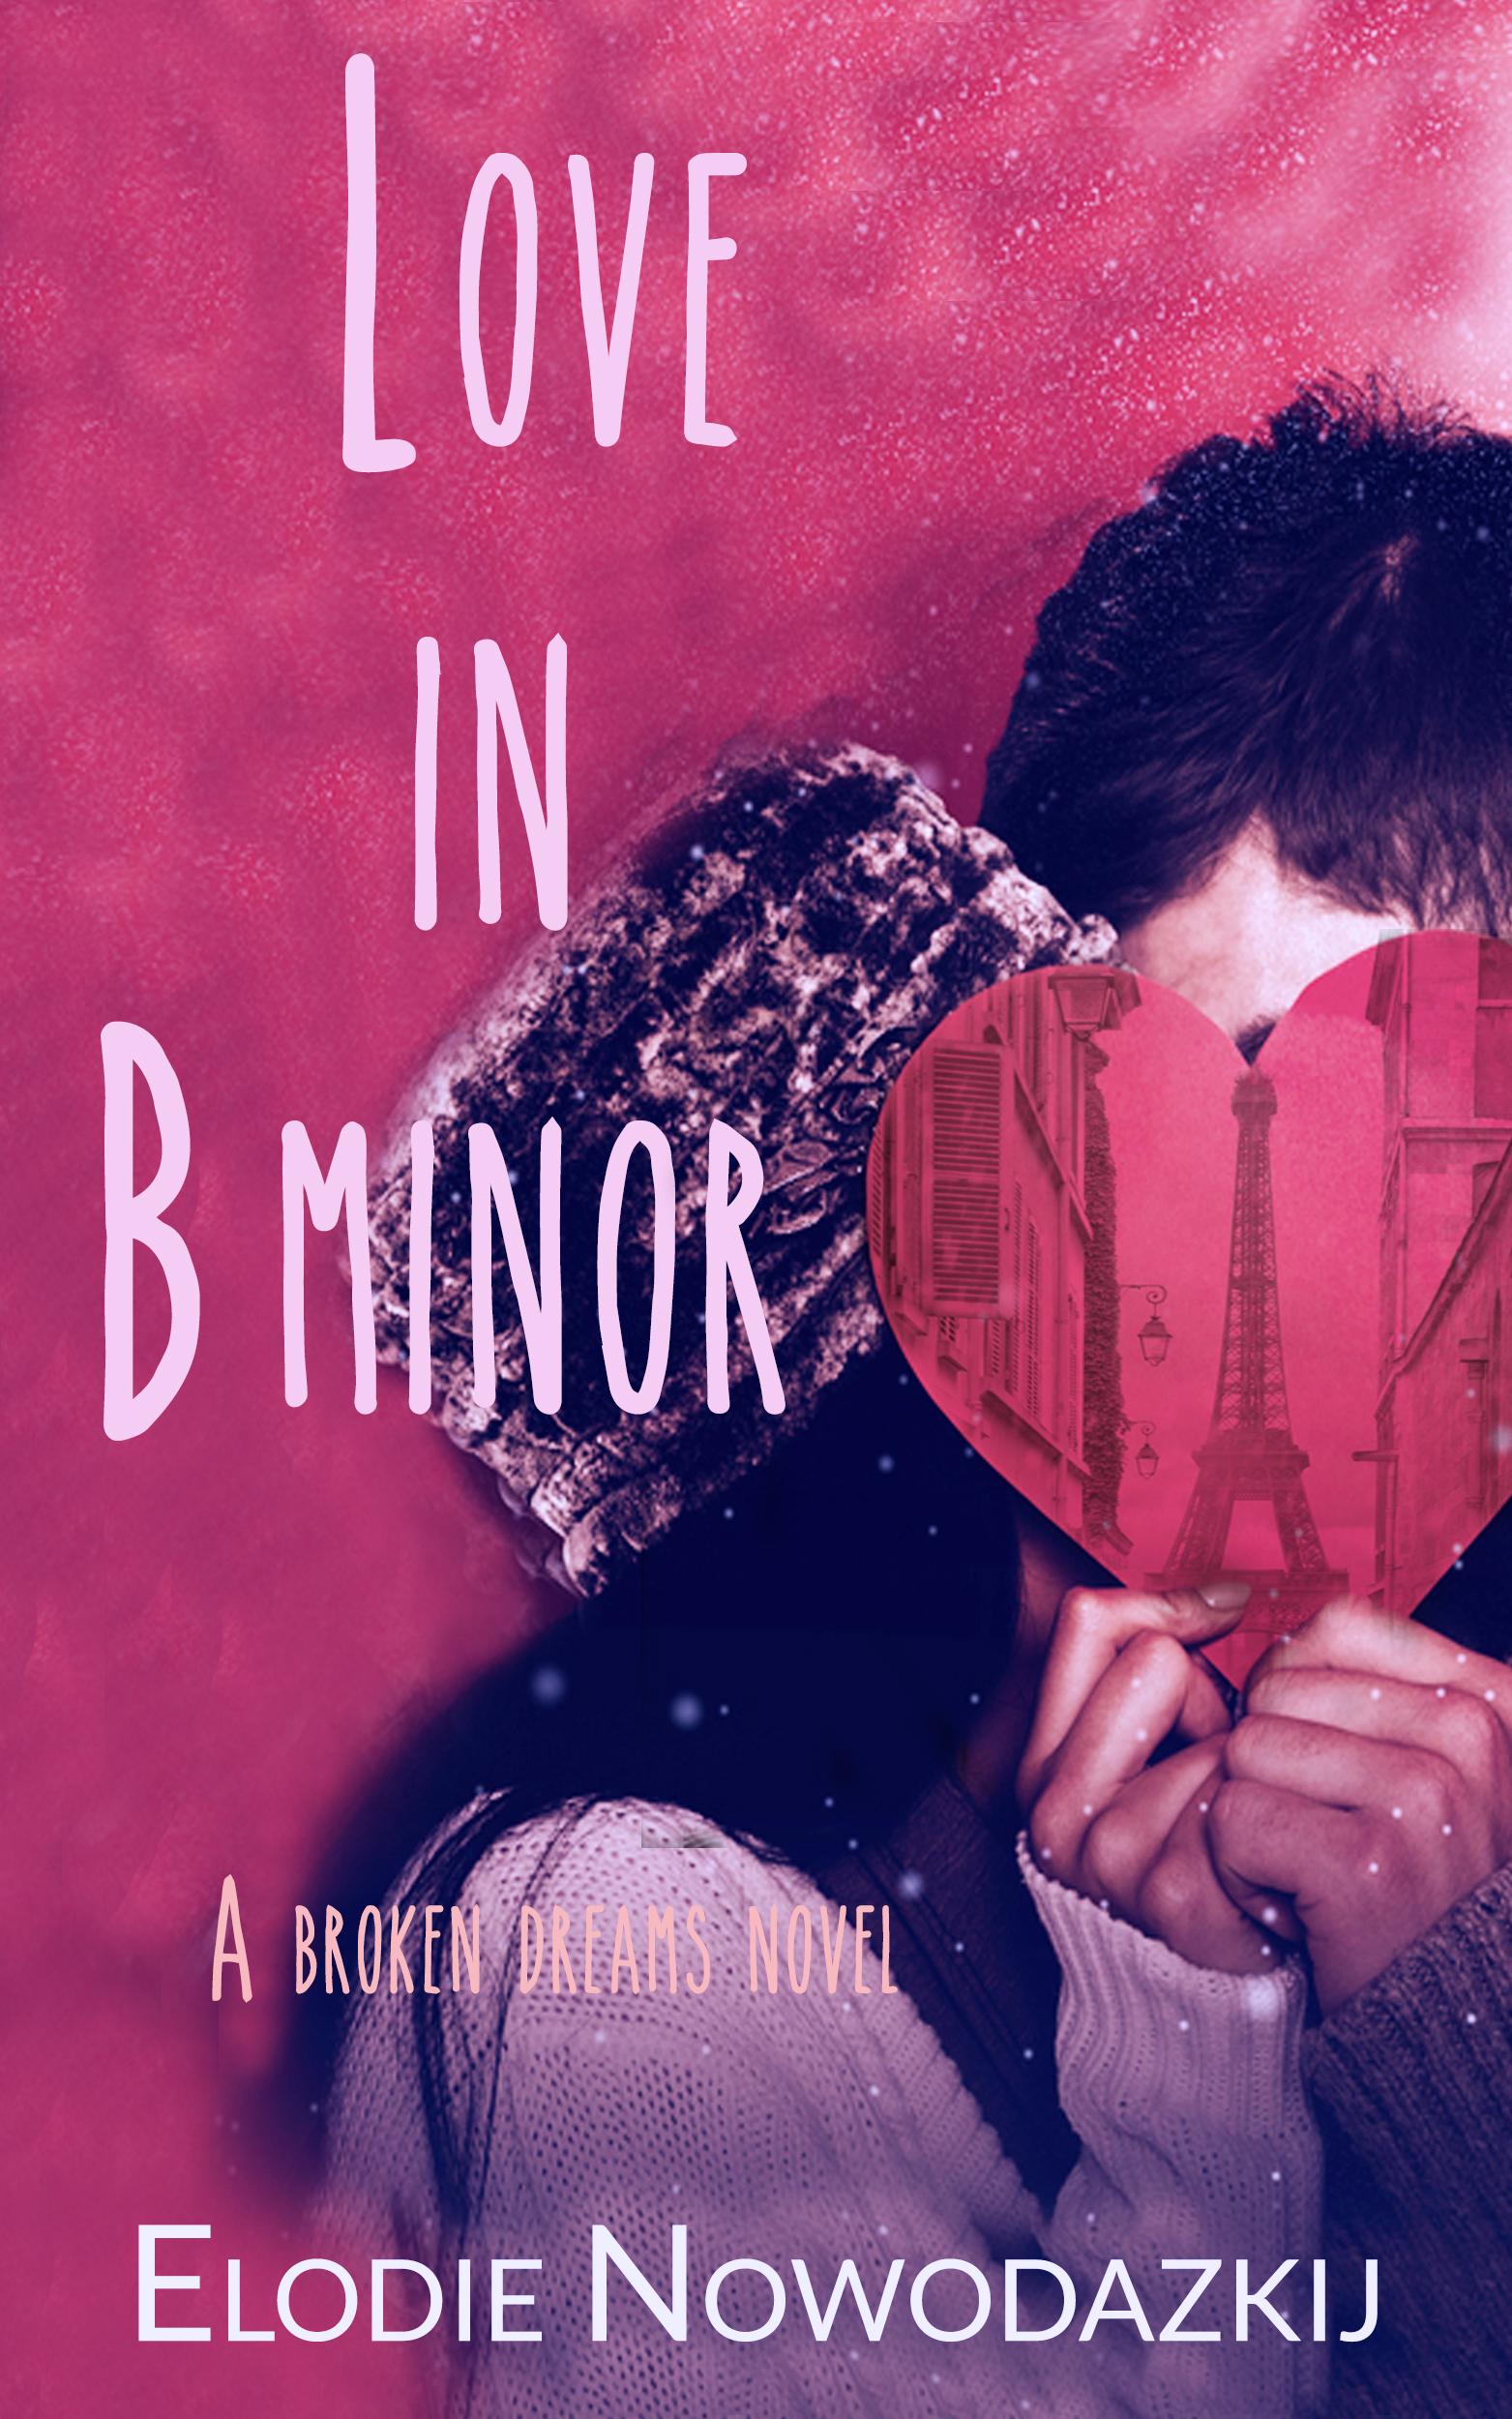 Love in b minor